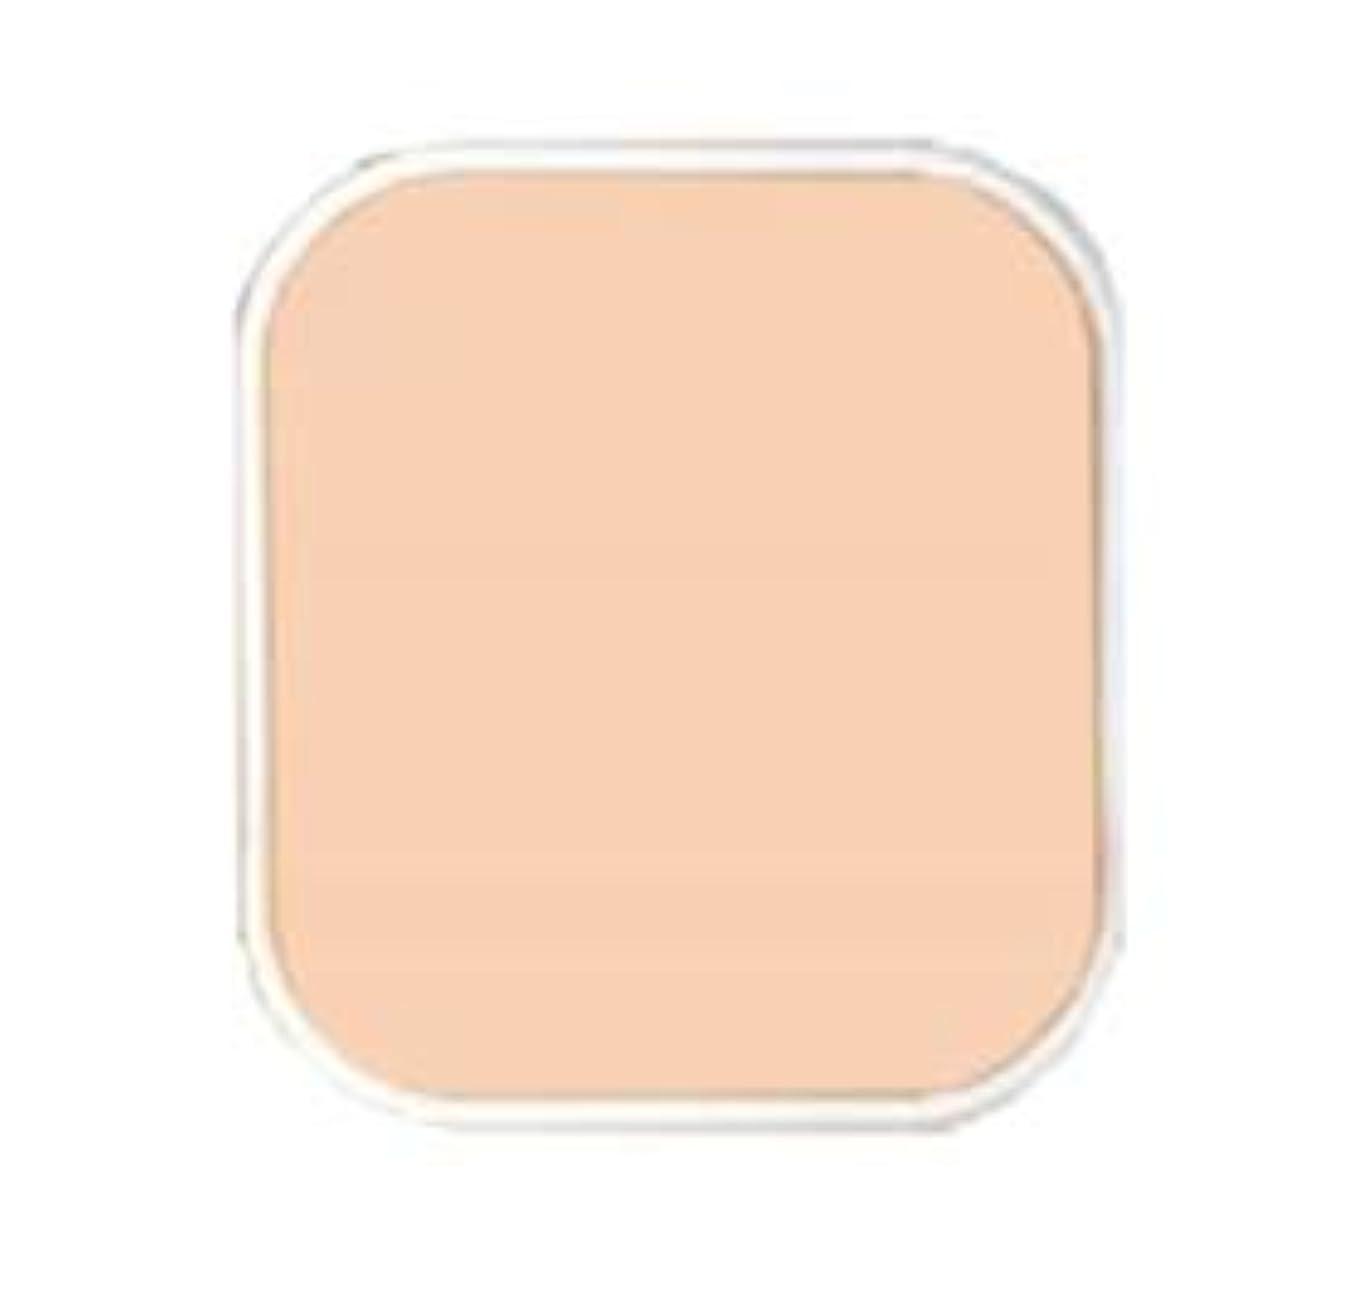 排気ねじれ分岐するアクセーヌ クリーミィファンデーションPV(リフィル)<P20自然なピンク系>※ケース別売り(11g)